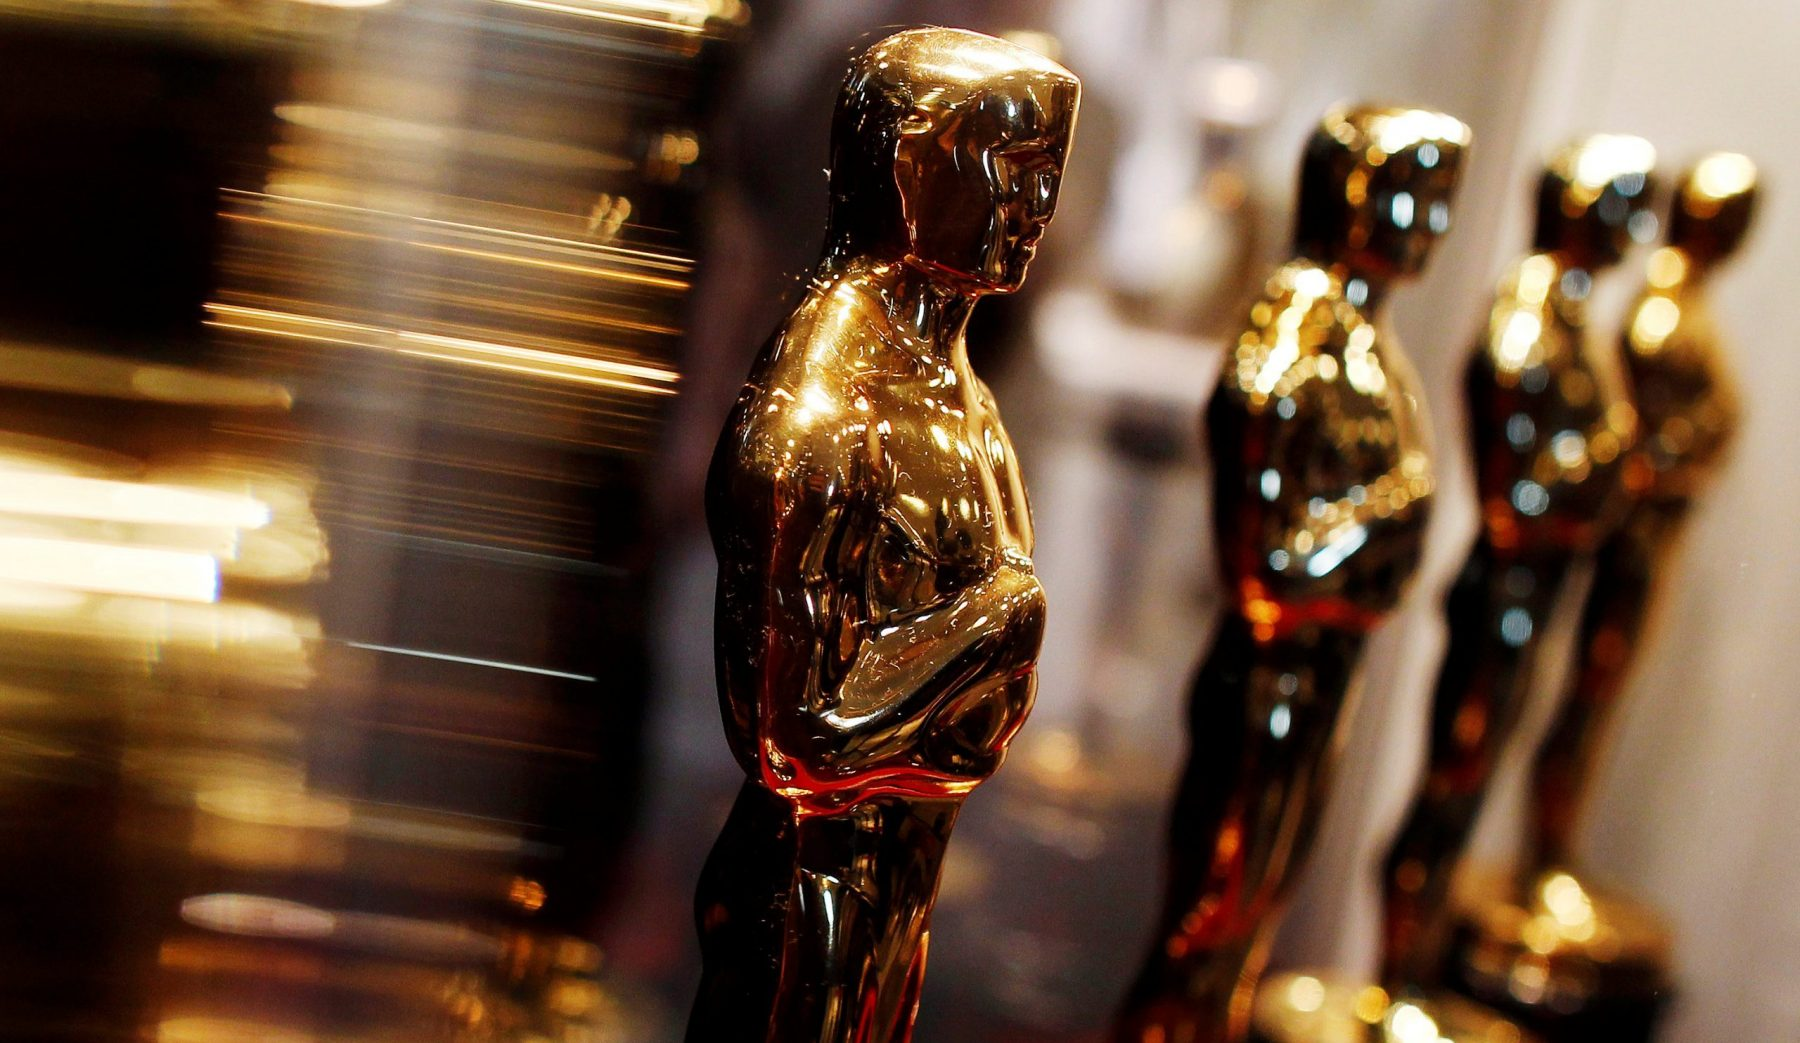 Nieuwe diversiteitsrichtlijnen Oscars, Kirstie Alley is woest: 'Een schande voor kunstenaars'